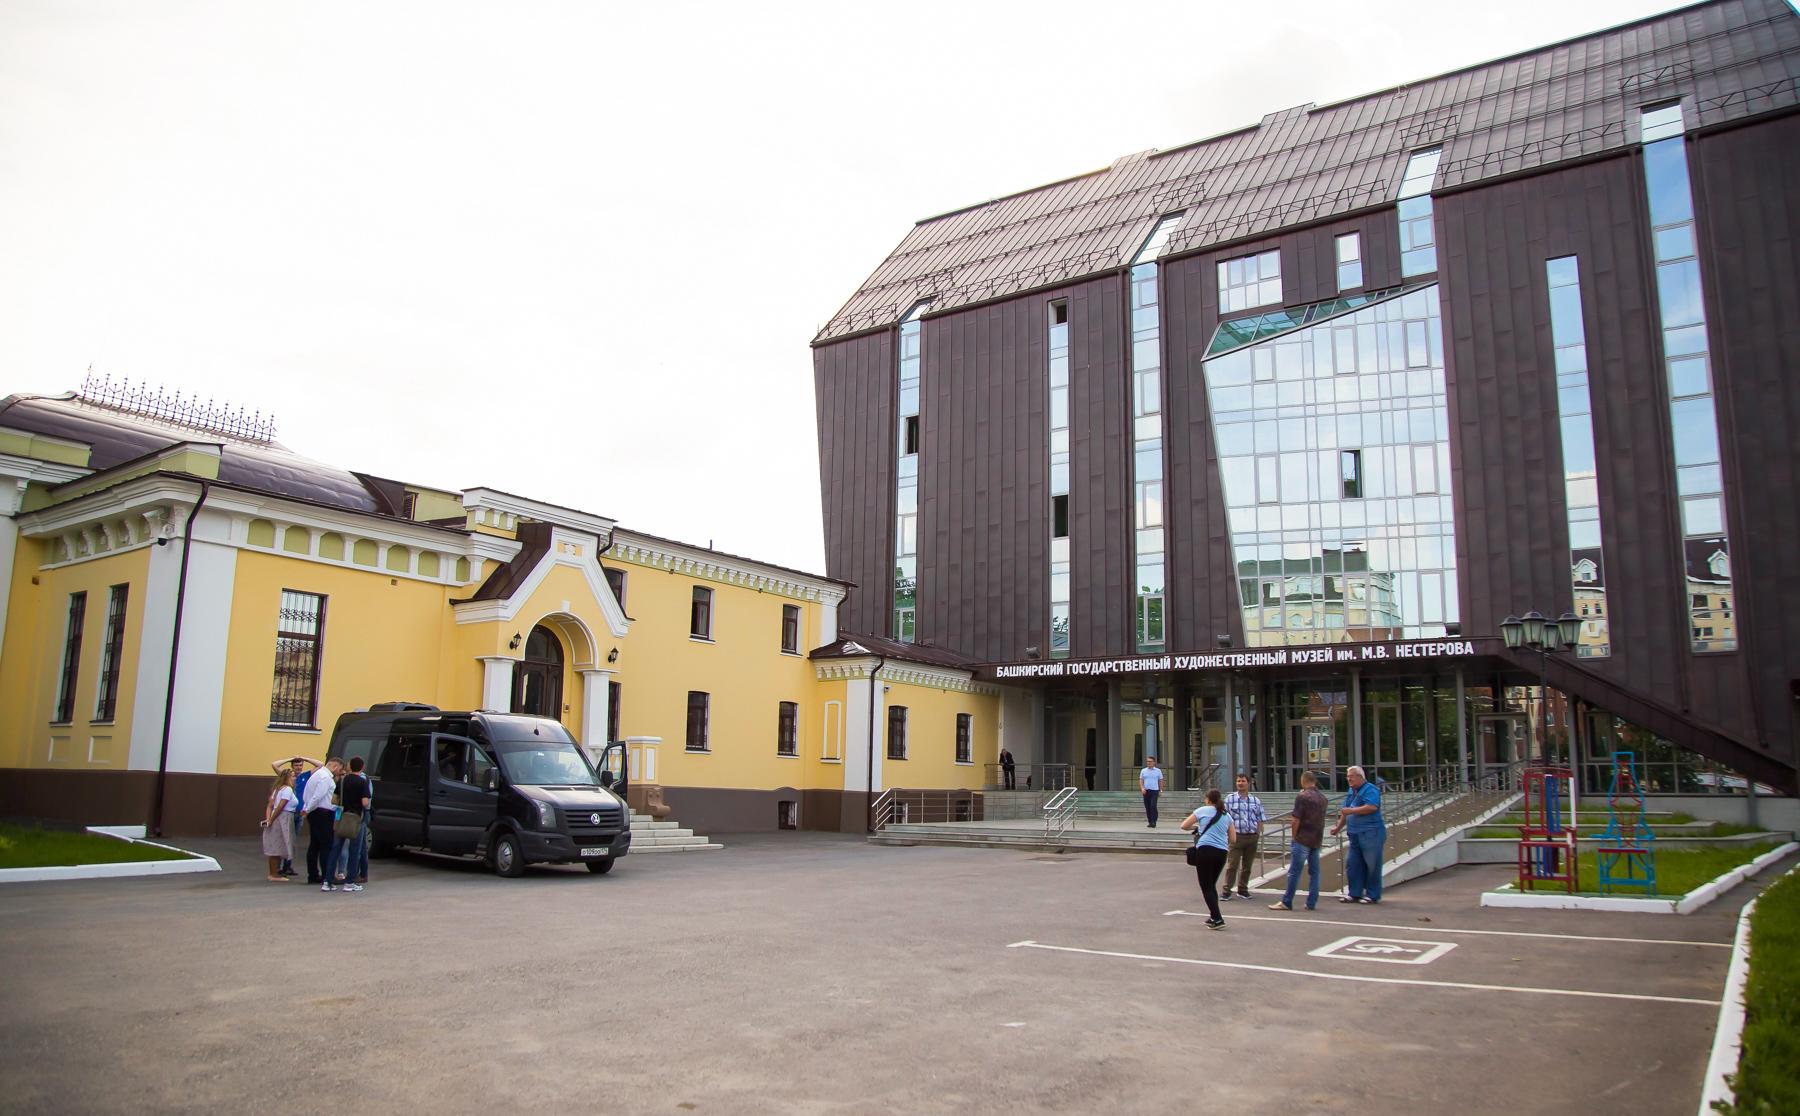 Рядом с двухэтажной усадьбой купца-лесопромышленника Лаптева новое здание музея. Для практичности его покрыли медью